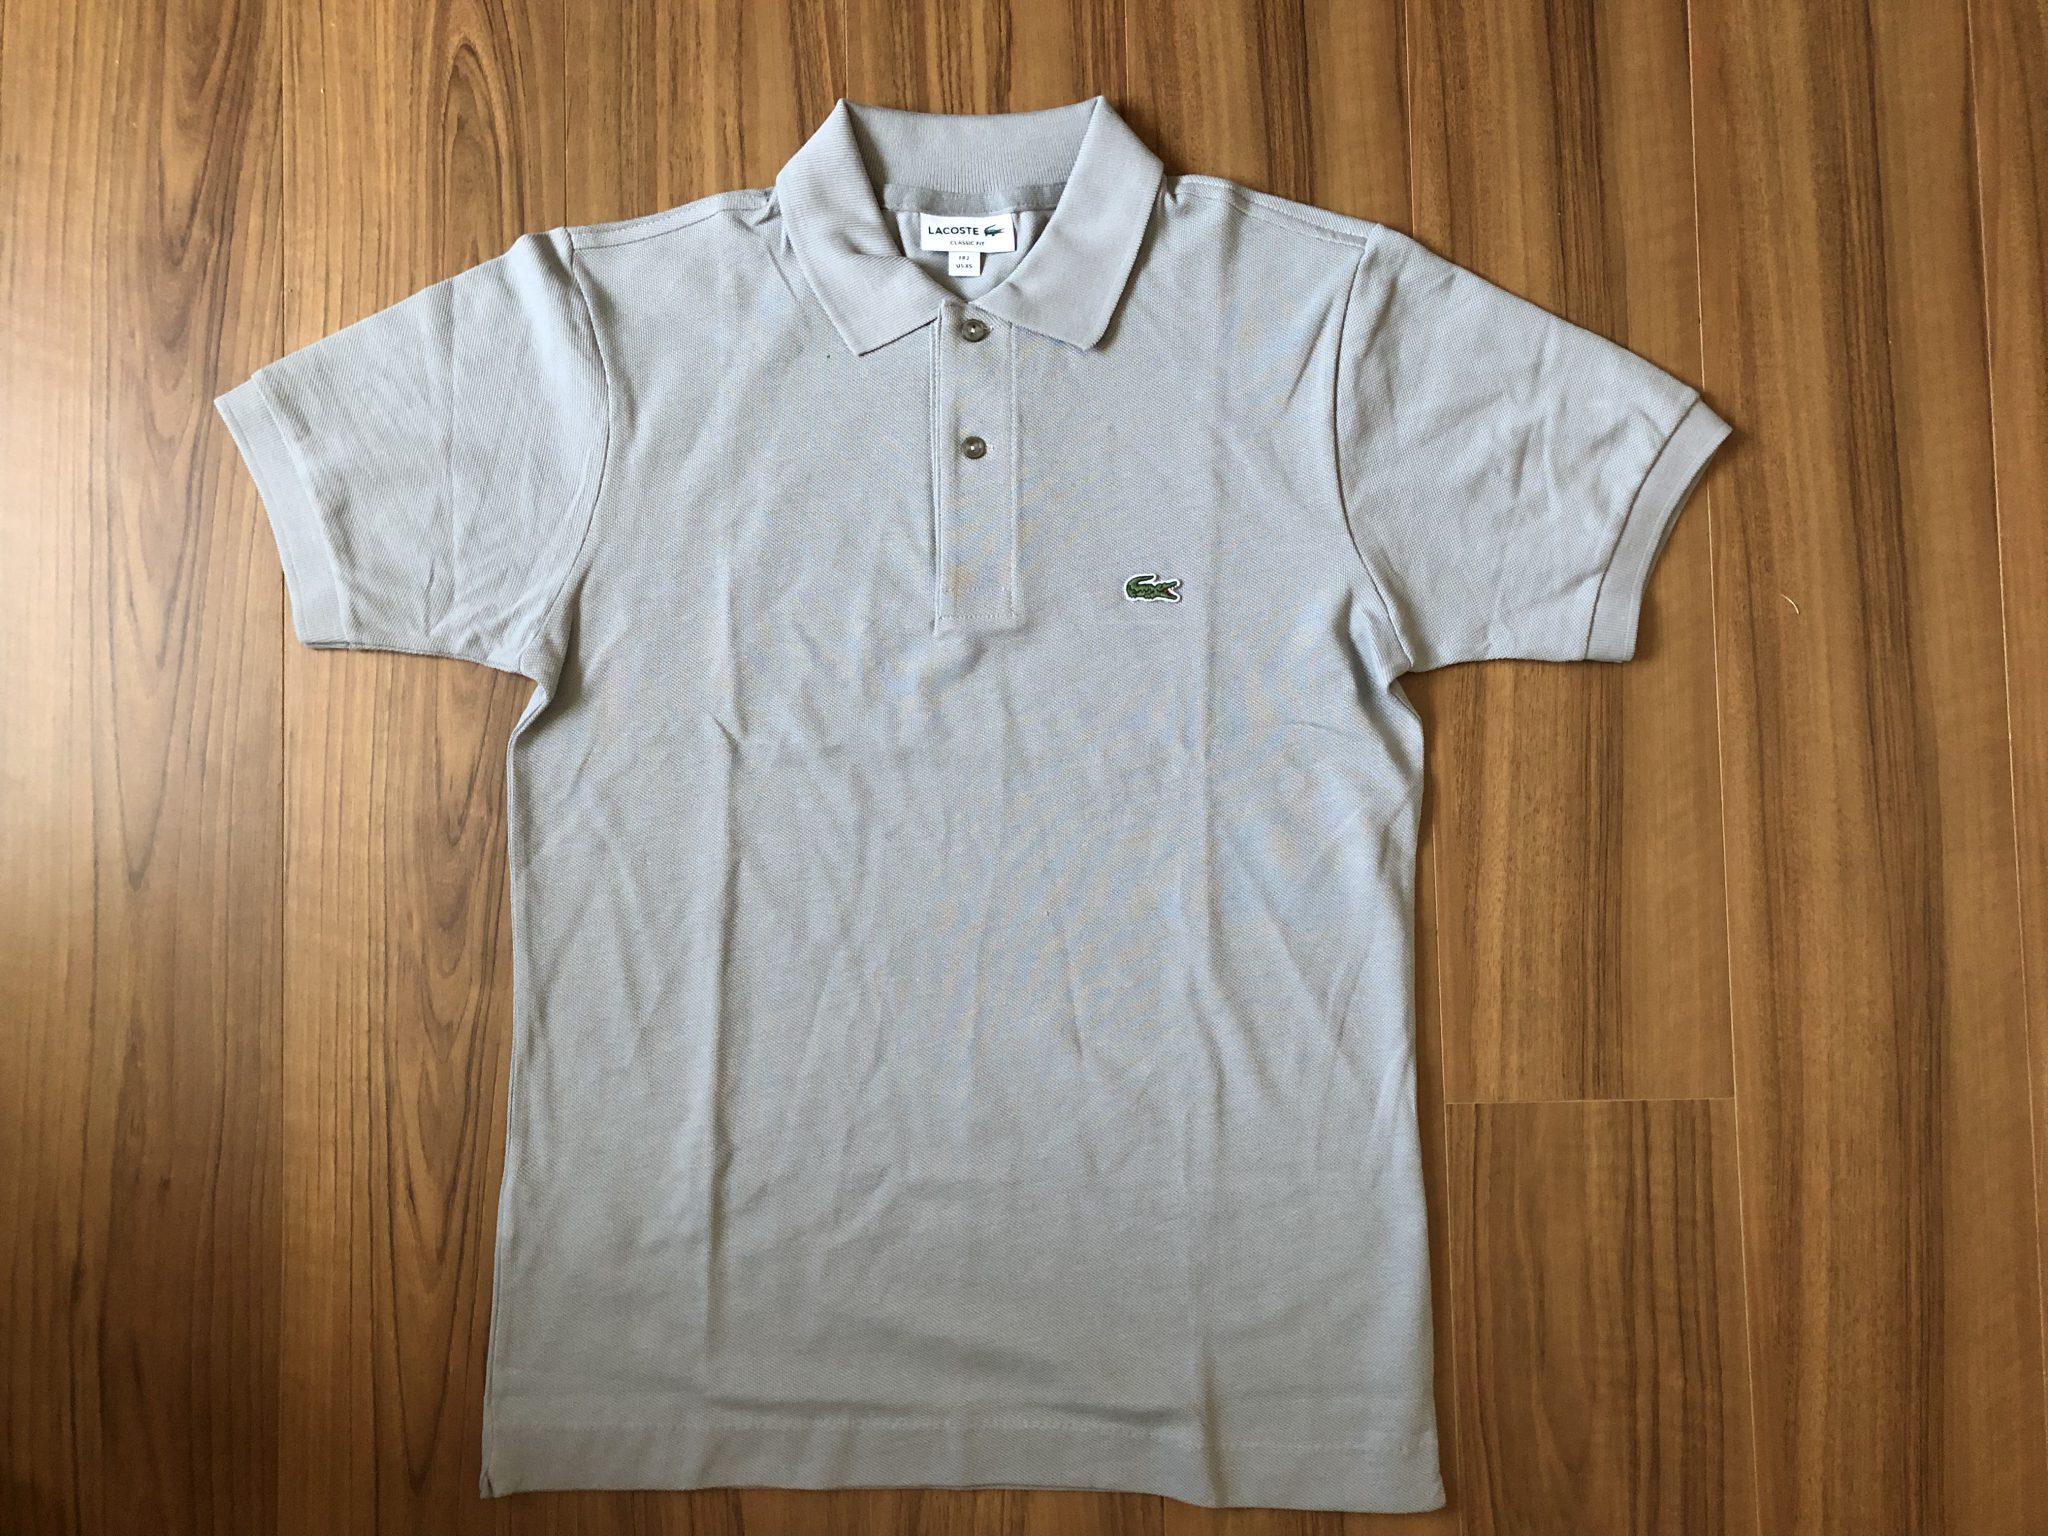 ラコステ フララコ(LACOSTE L1212)ポロシャツ 全体観